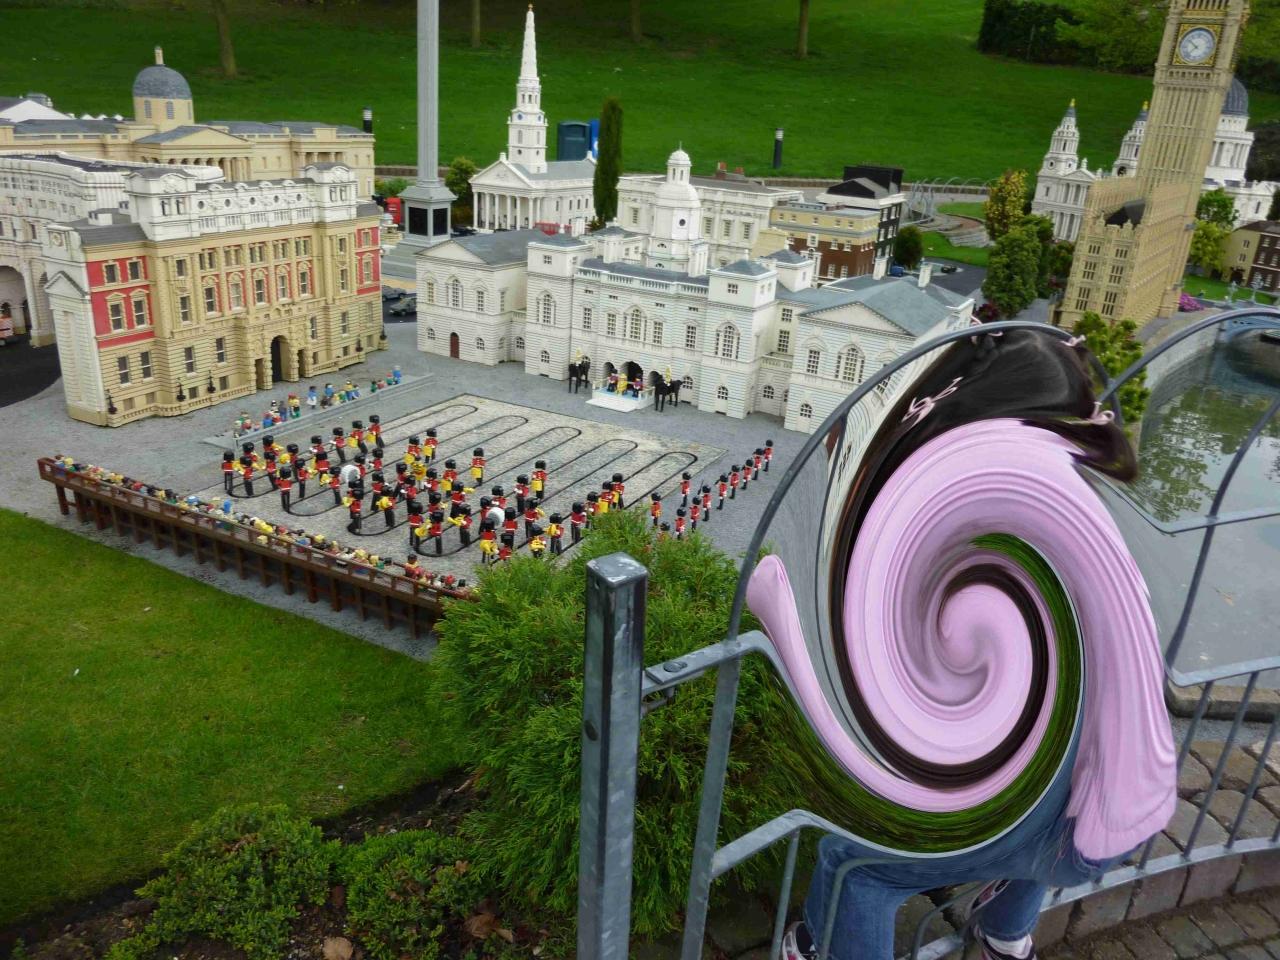 レゴランド (ウィンザー) クチコミガイド【フォートラベル】 Legoland (Windsor) ウィンザー